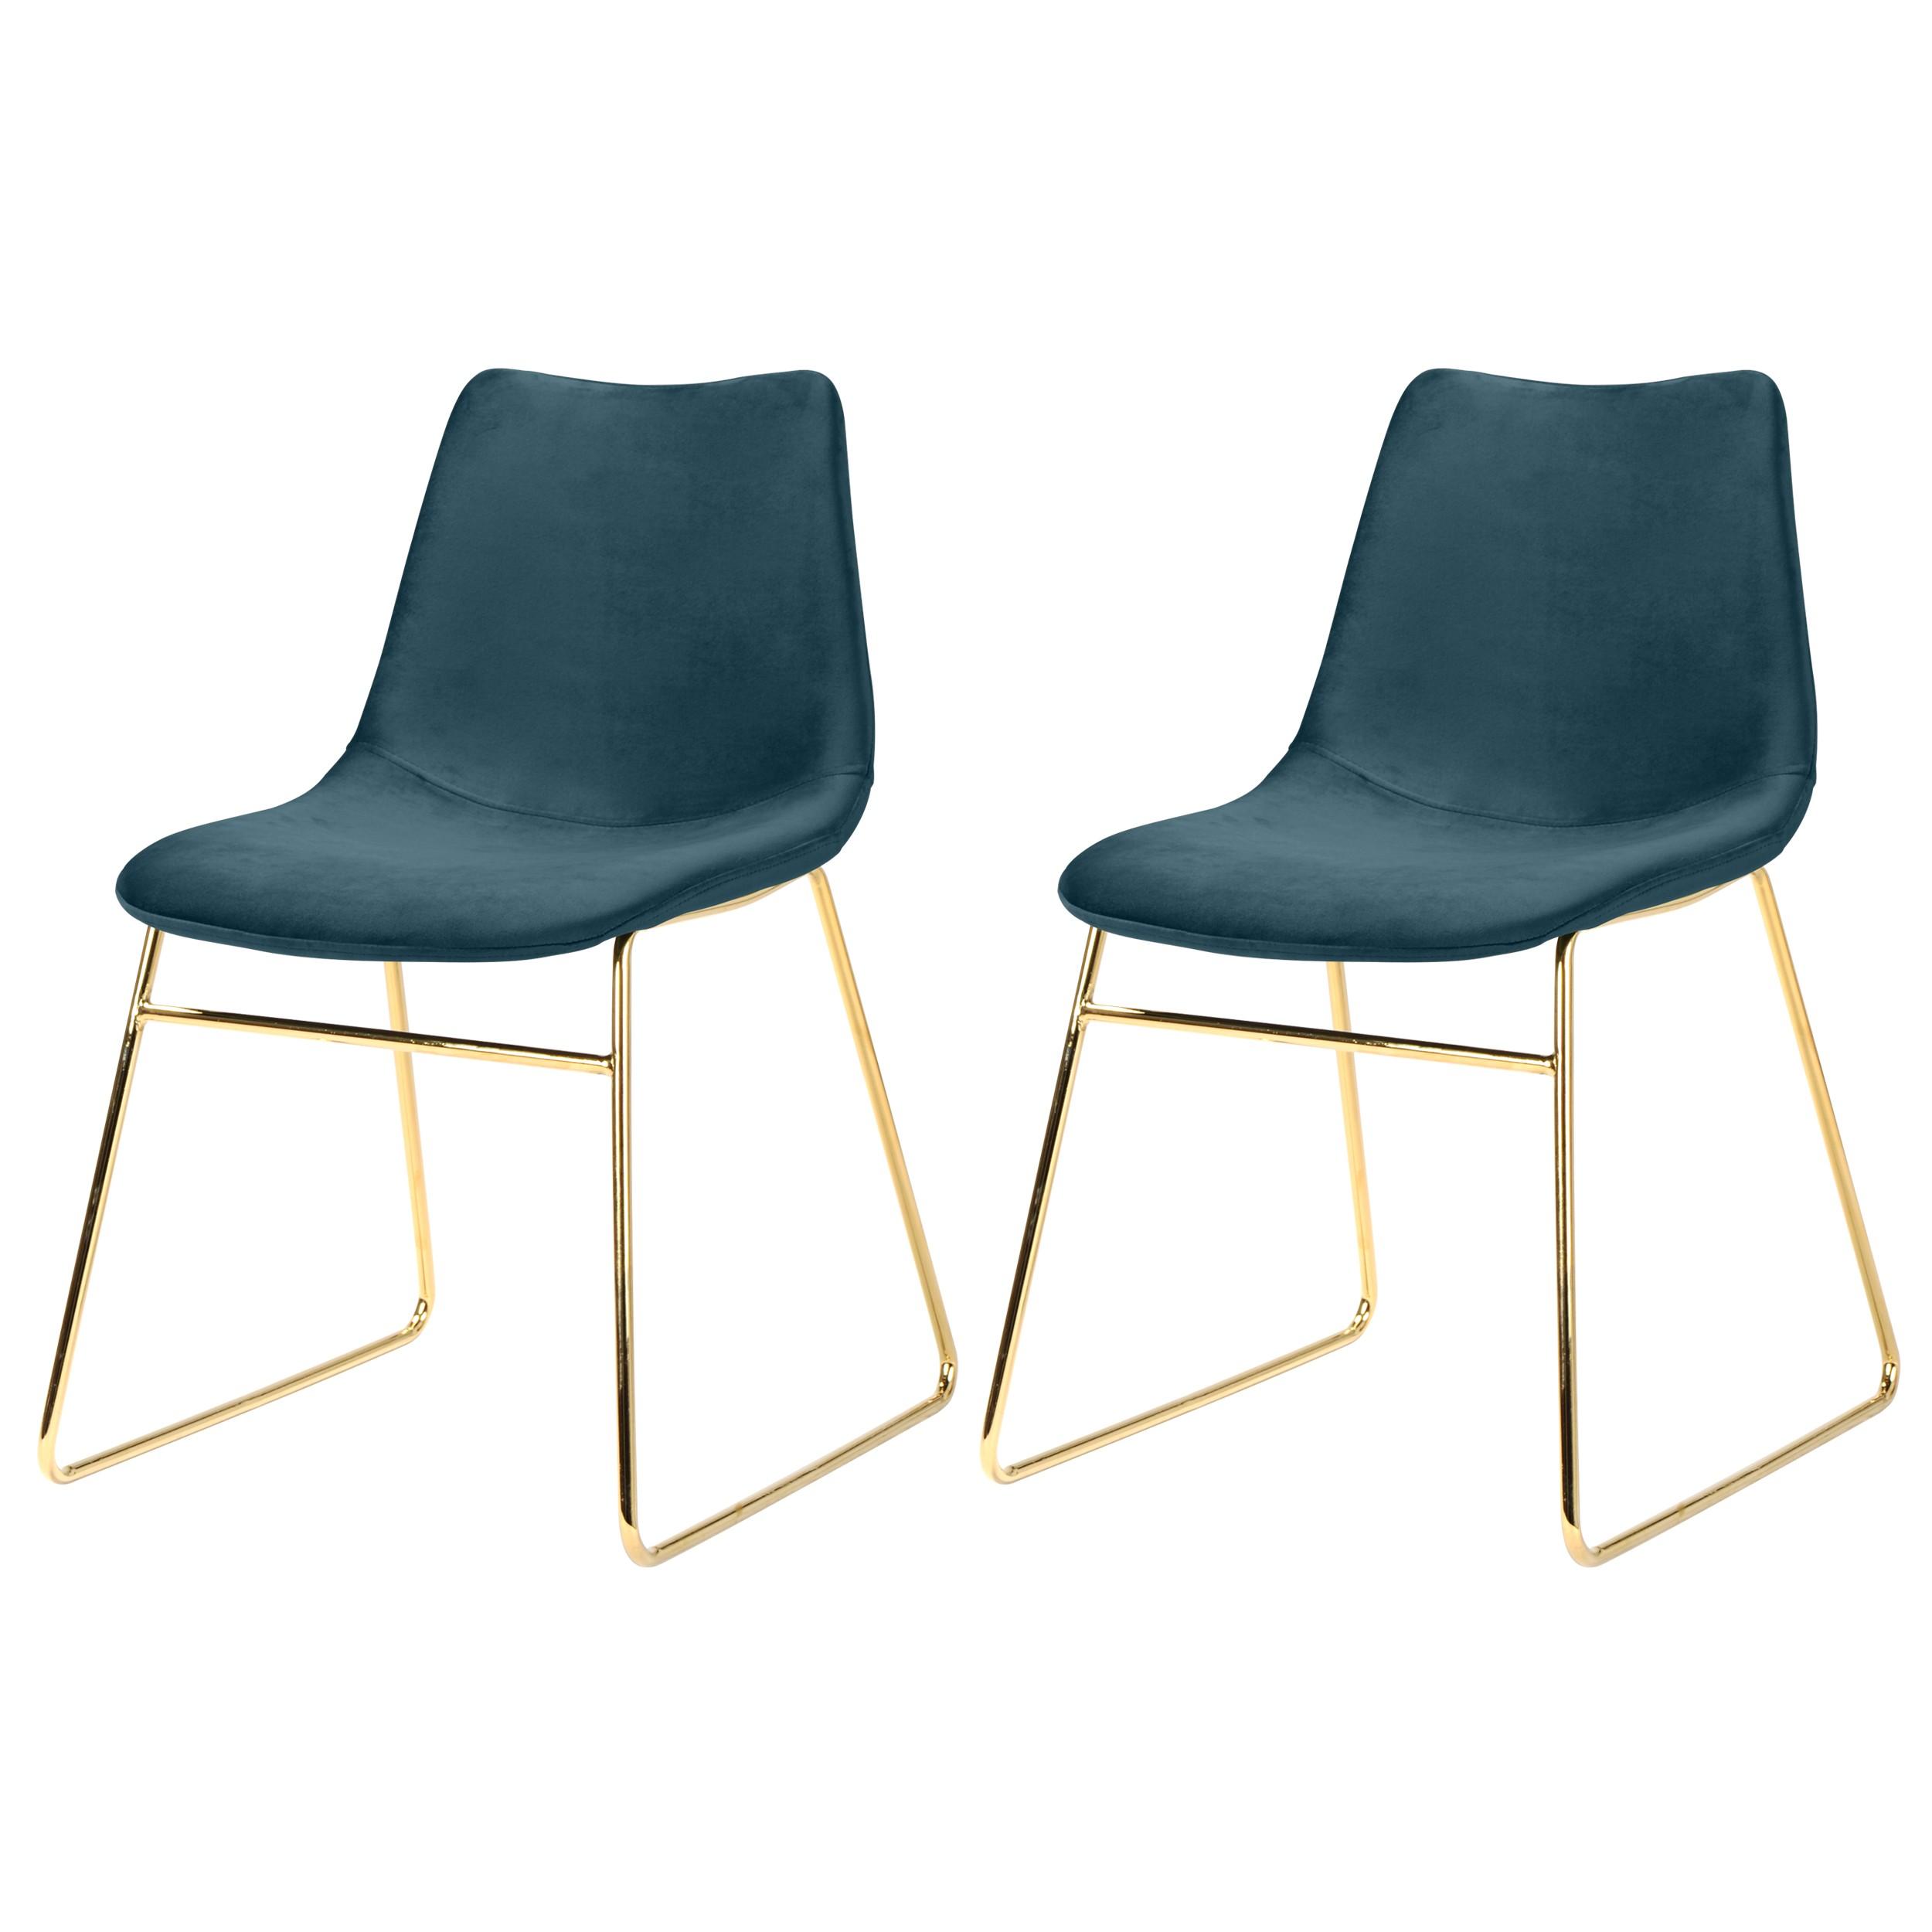 chaise gaspard en velours bleue lot de 2 adoptez nos chaises gaspard en velours bleues lot. Black Bedroom Furniture Sets. Home Design Ideas